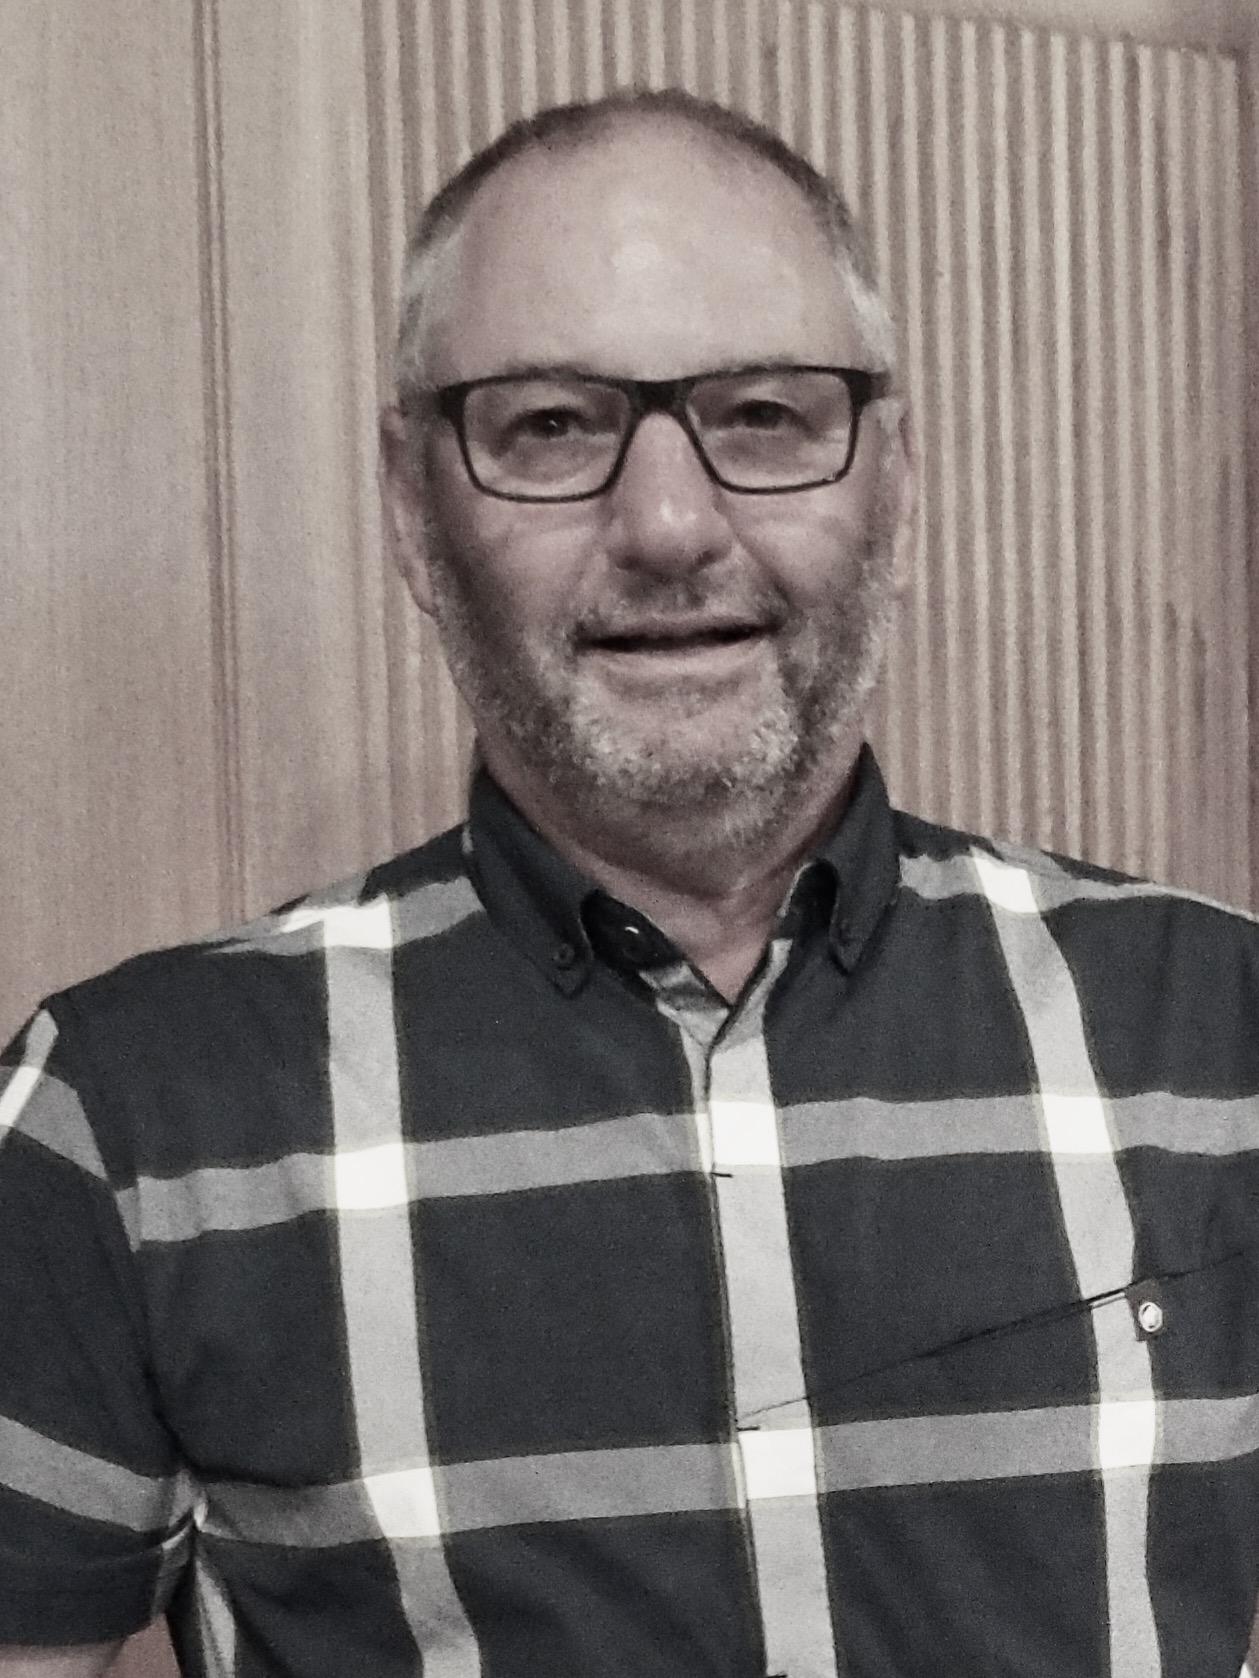 Hans Jörg Schilliger